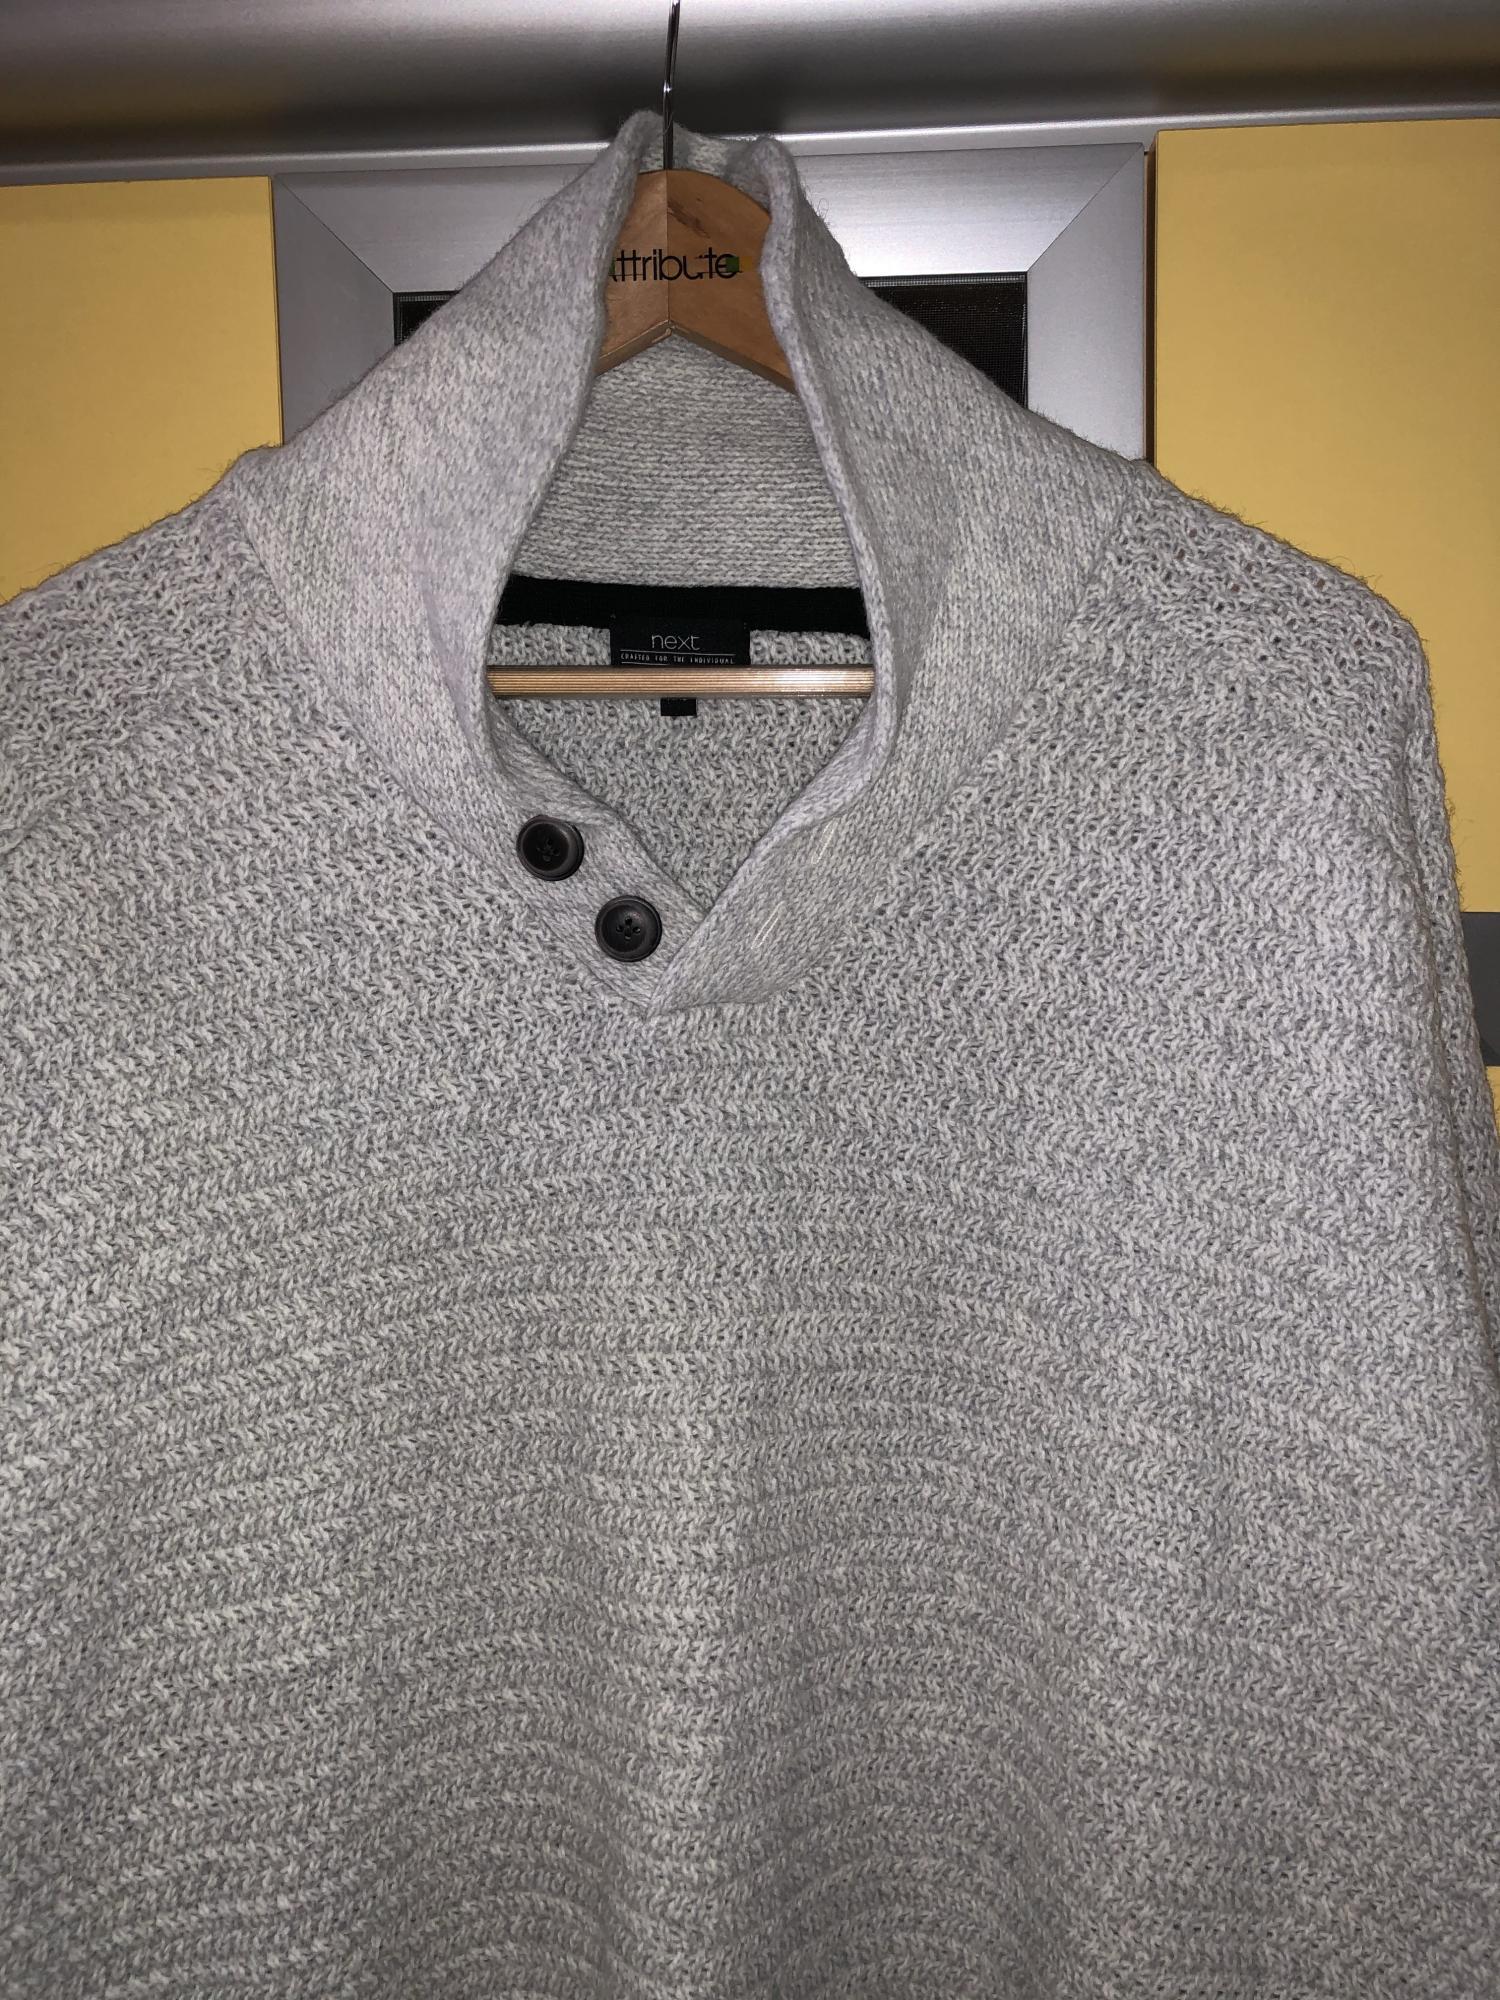 Джемпер кофта кардиган XXL серый в Москве 89035626956 купить 6